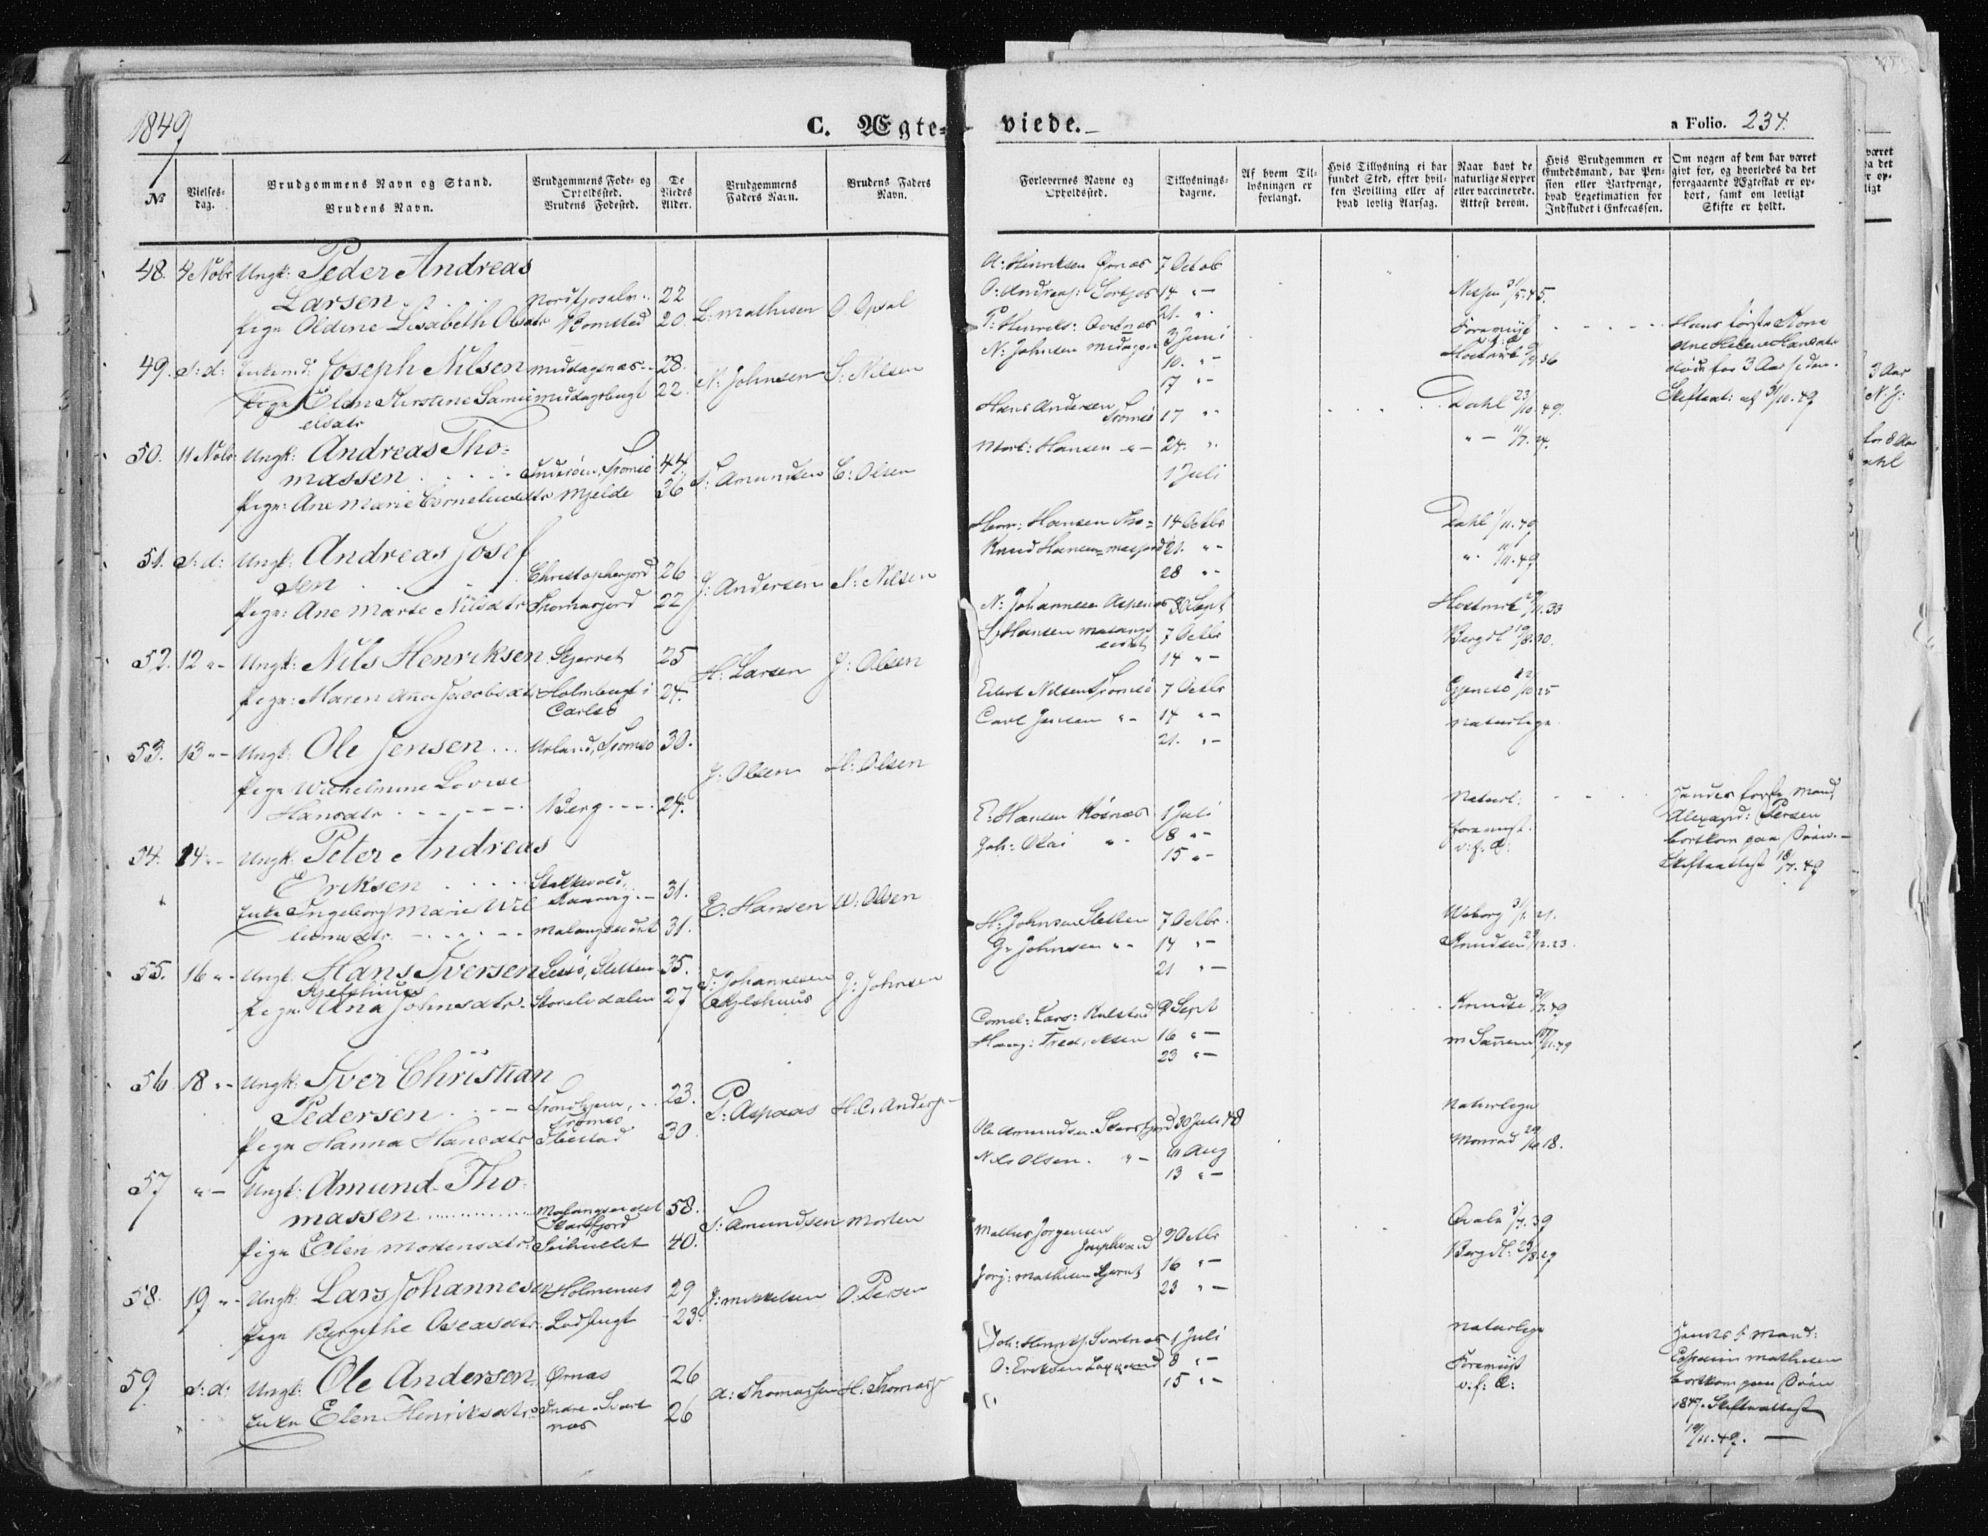 SATØ, Tromsø sokneprestkontor/stiftsprosti/domprosti, G/Ga/L0010kirke: Ministerialbok nr. 10, 1848-1855, s. 234